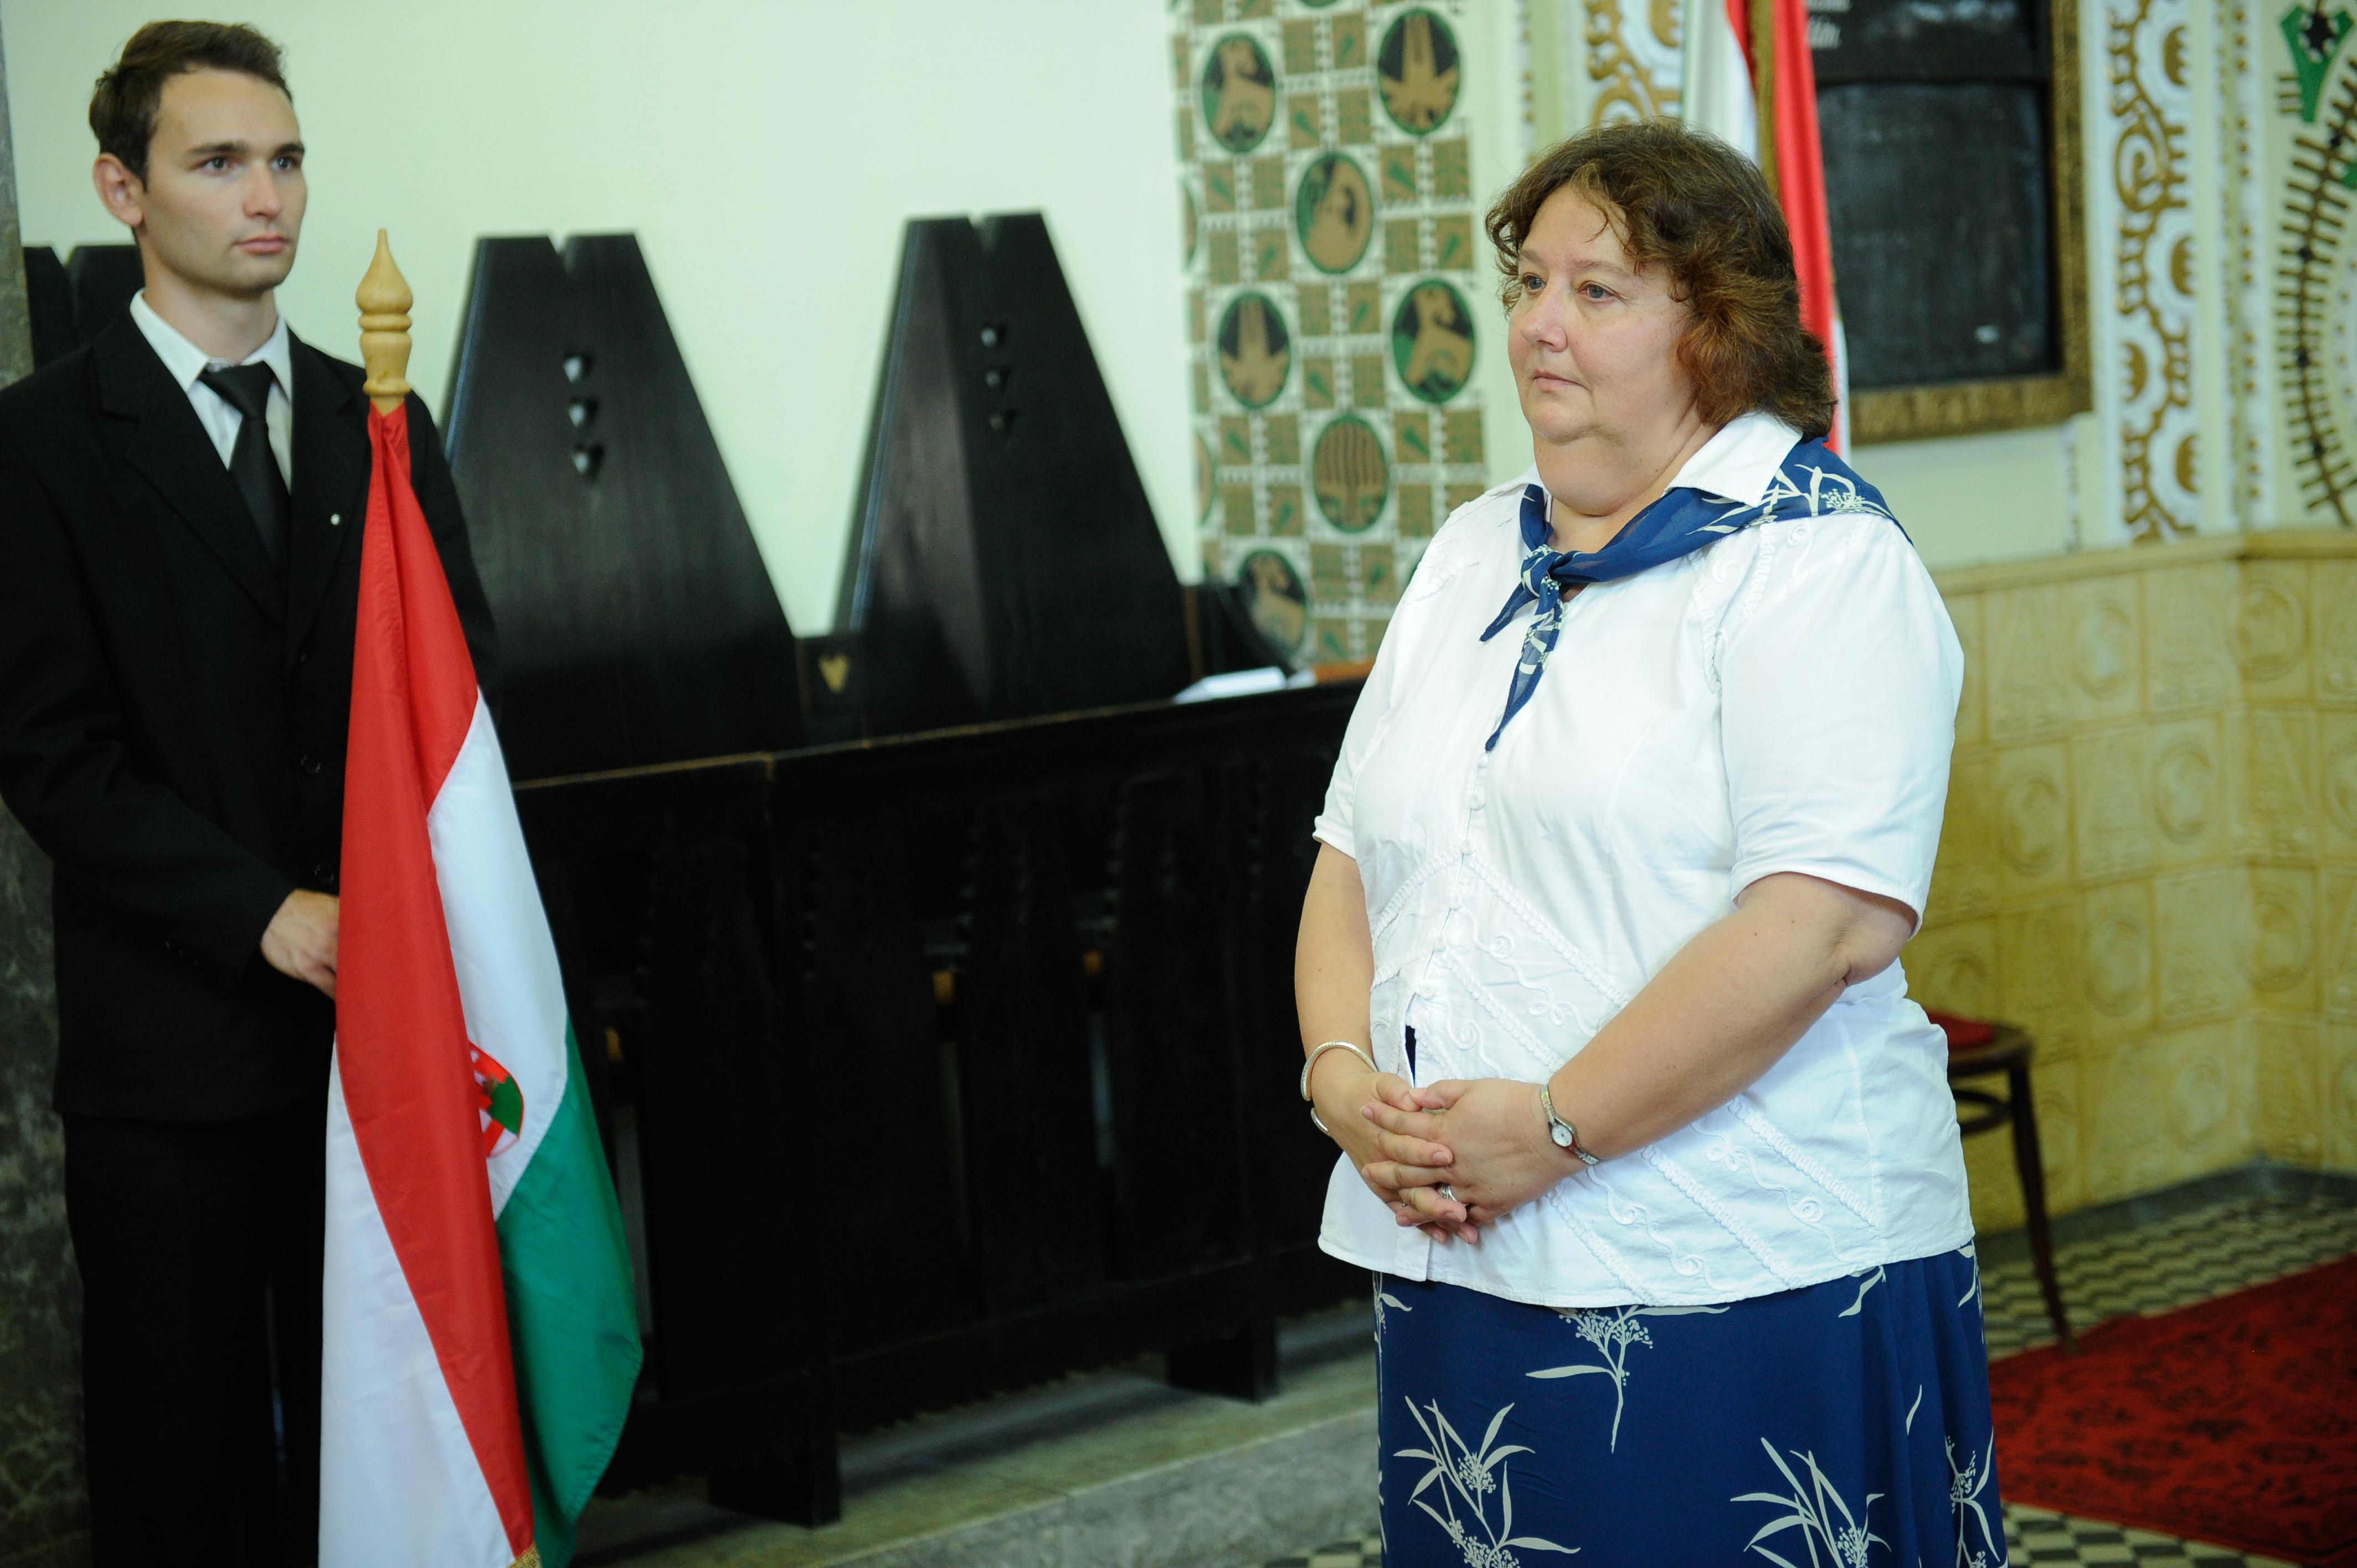 Szabó Erika a Károli Gáspár Református Egyetem kötelékében 1994 óta  dolgozik könyvtárvezetői beosztásban 583ba08315